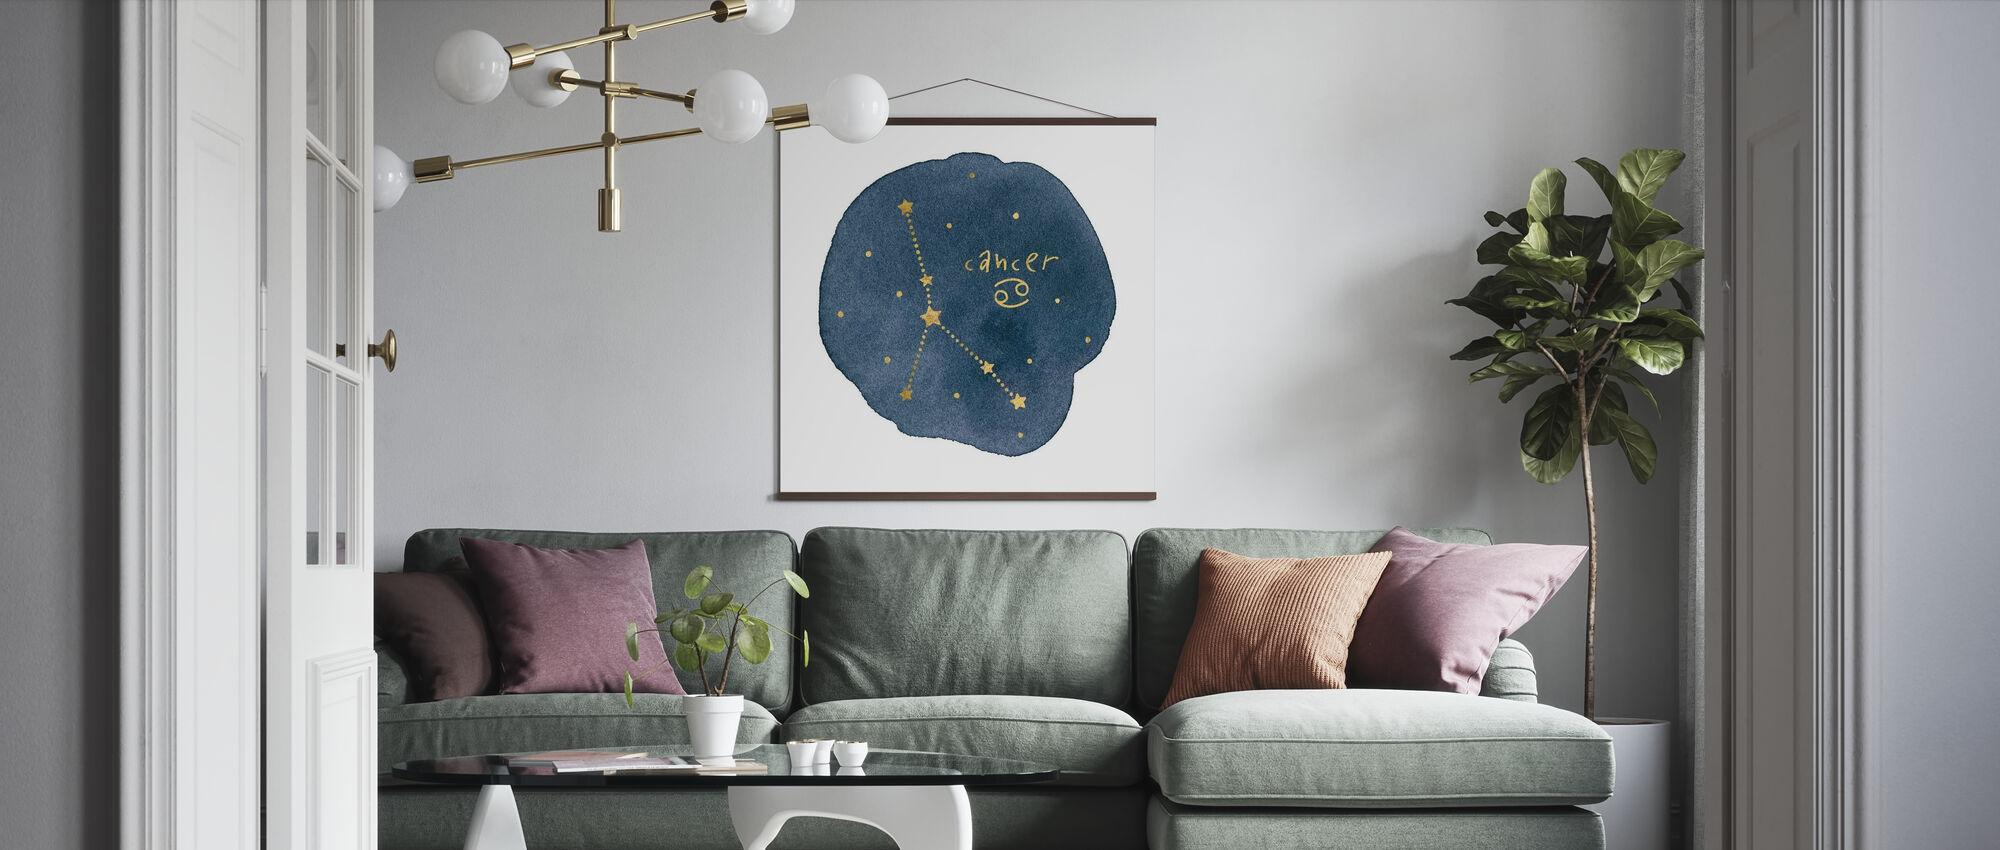 Horoskop Cancer - Poster - Vardagsrum